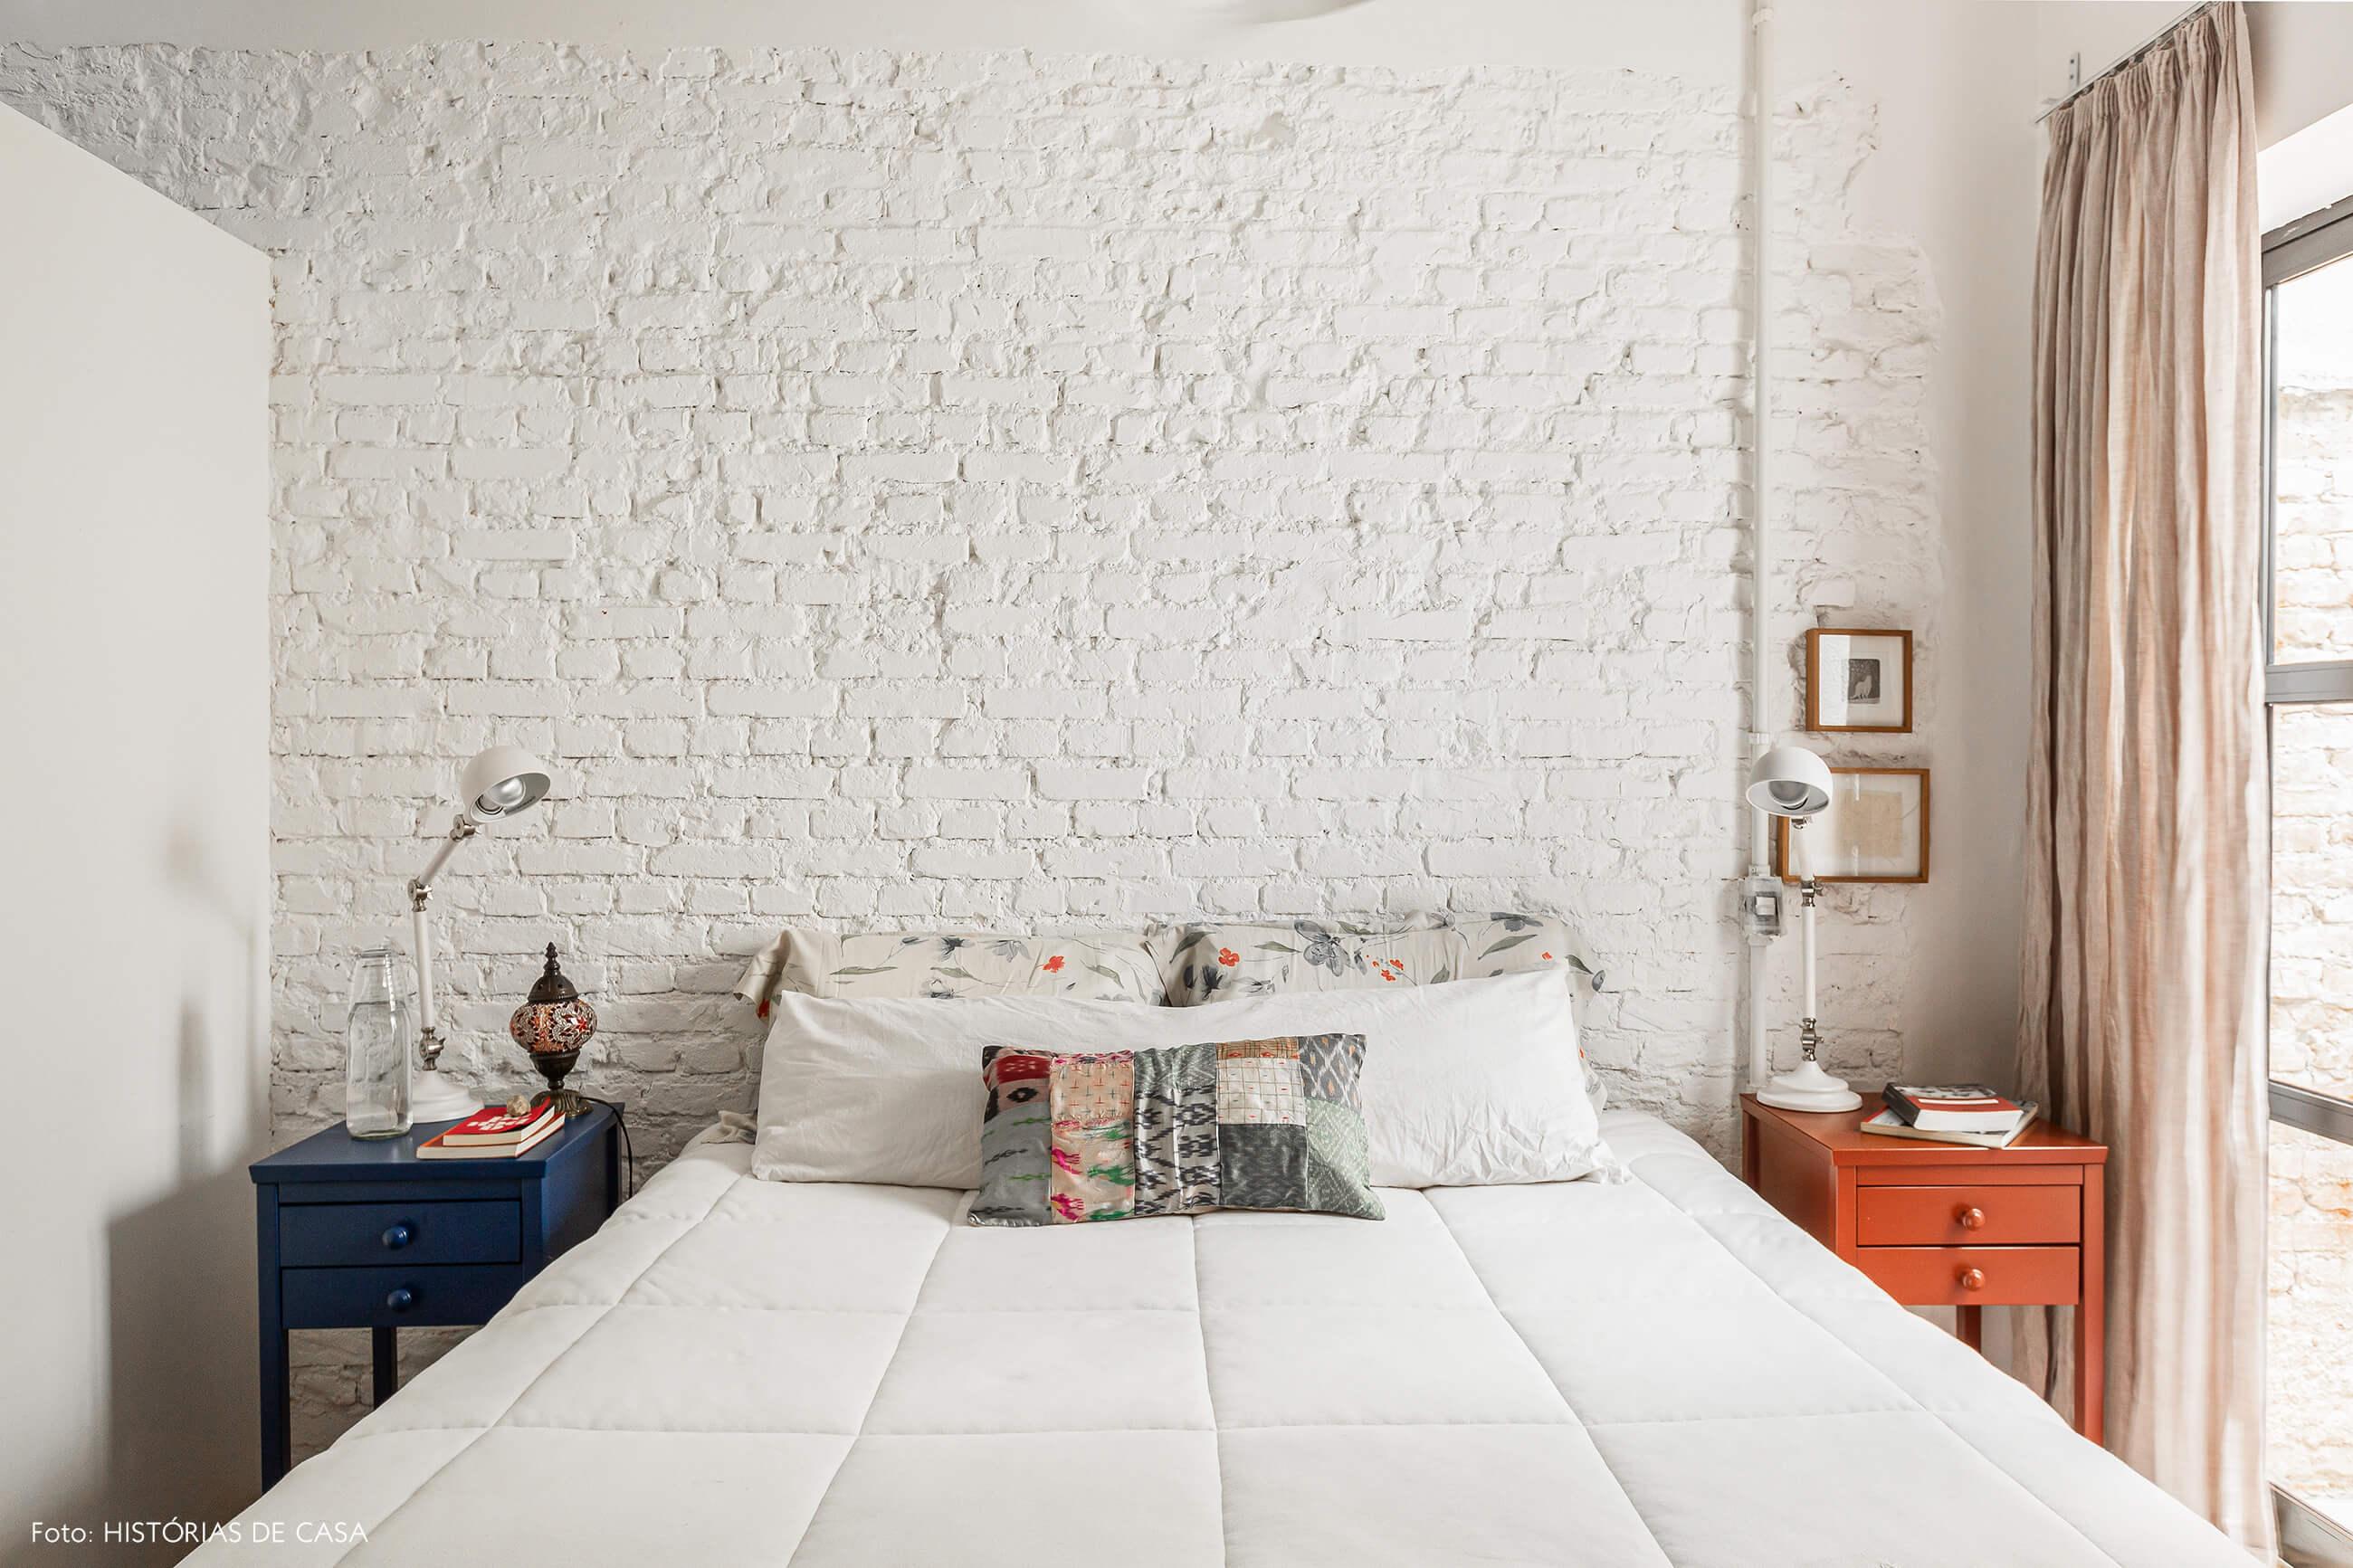 Apartamento térreo, quarto com parede de tijolinho branco e vista para o jardim